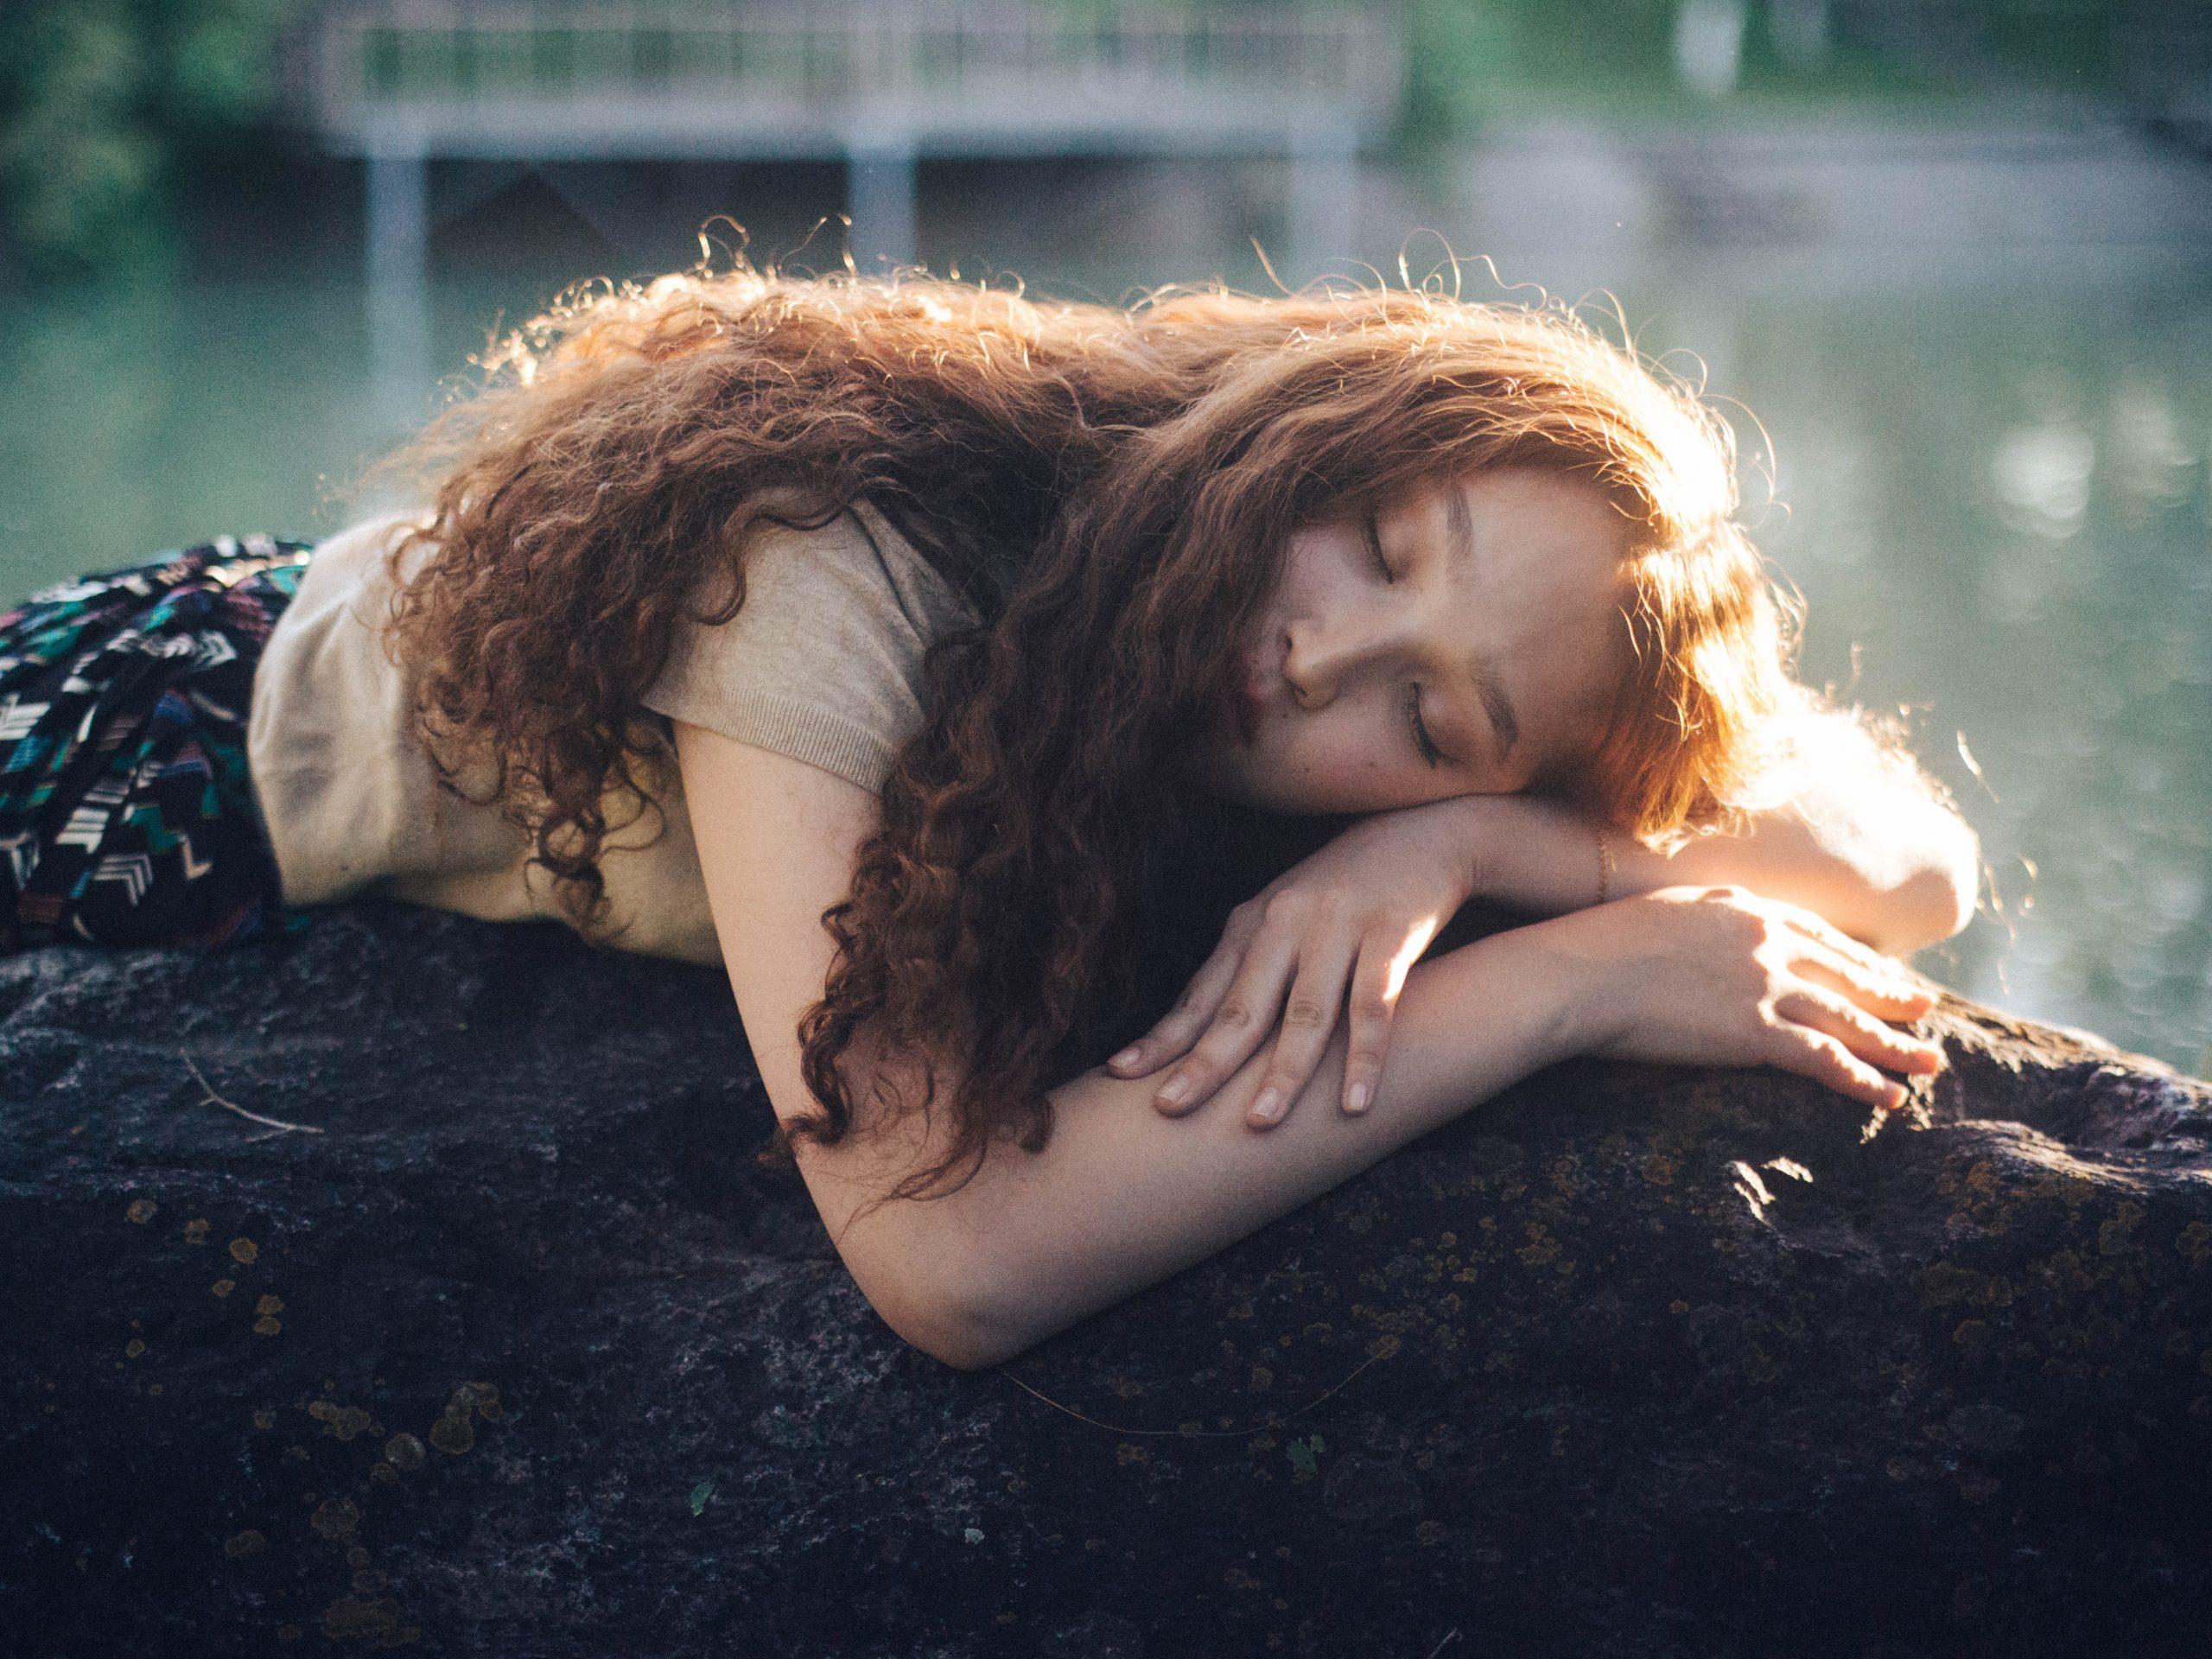 γυναίκα ξαπλωμένη